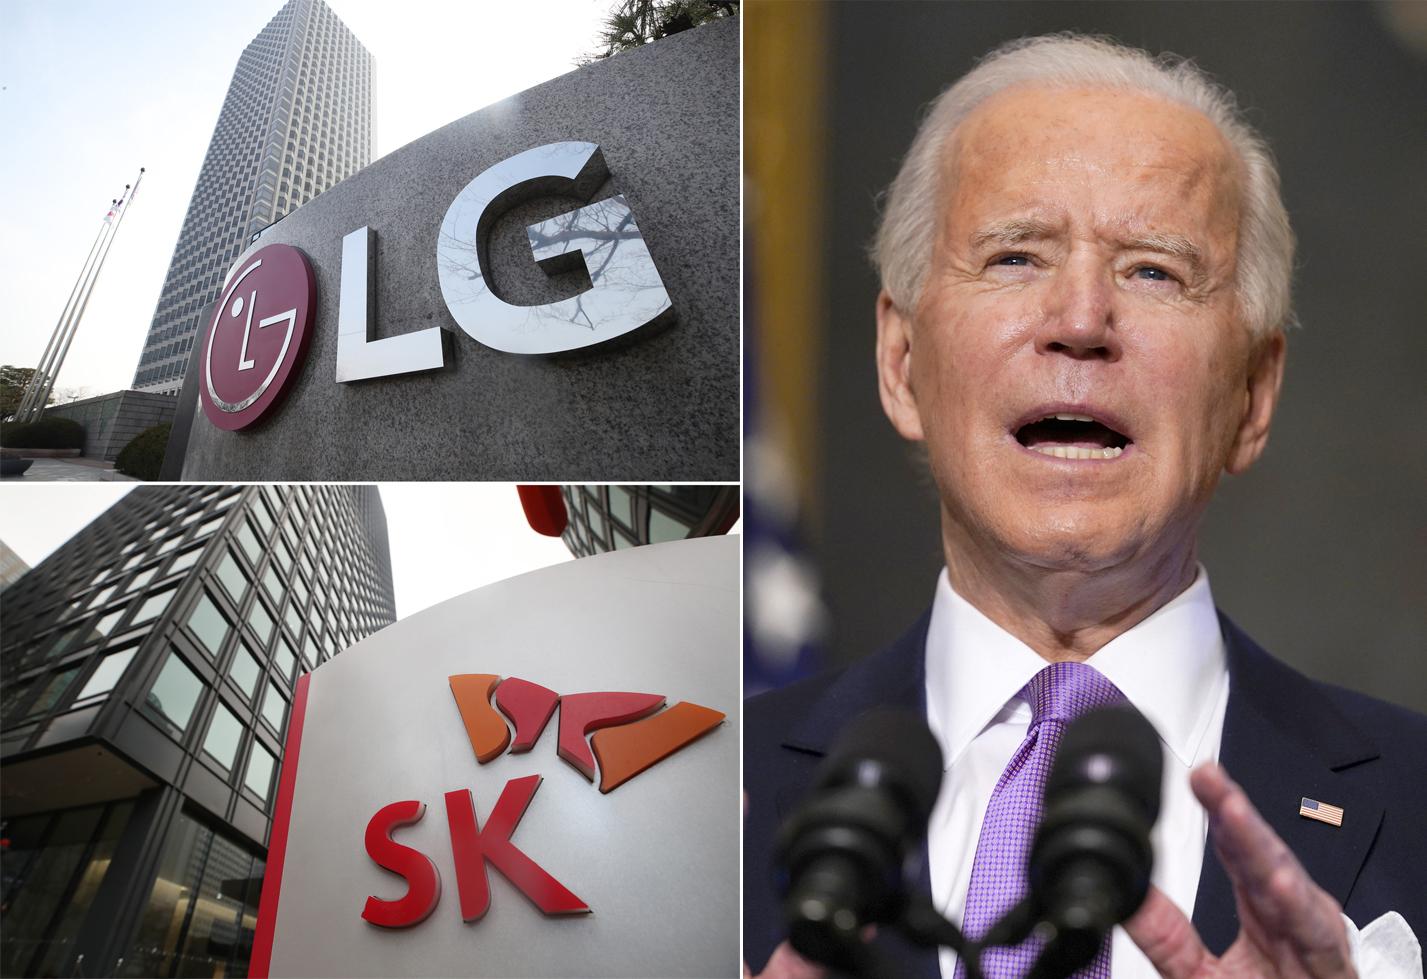 서울 LG와 SK 본사 건물 전경(왼쪽). 오른쪽 사진은 조 바이든 미국 대통령. 연합뉴스